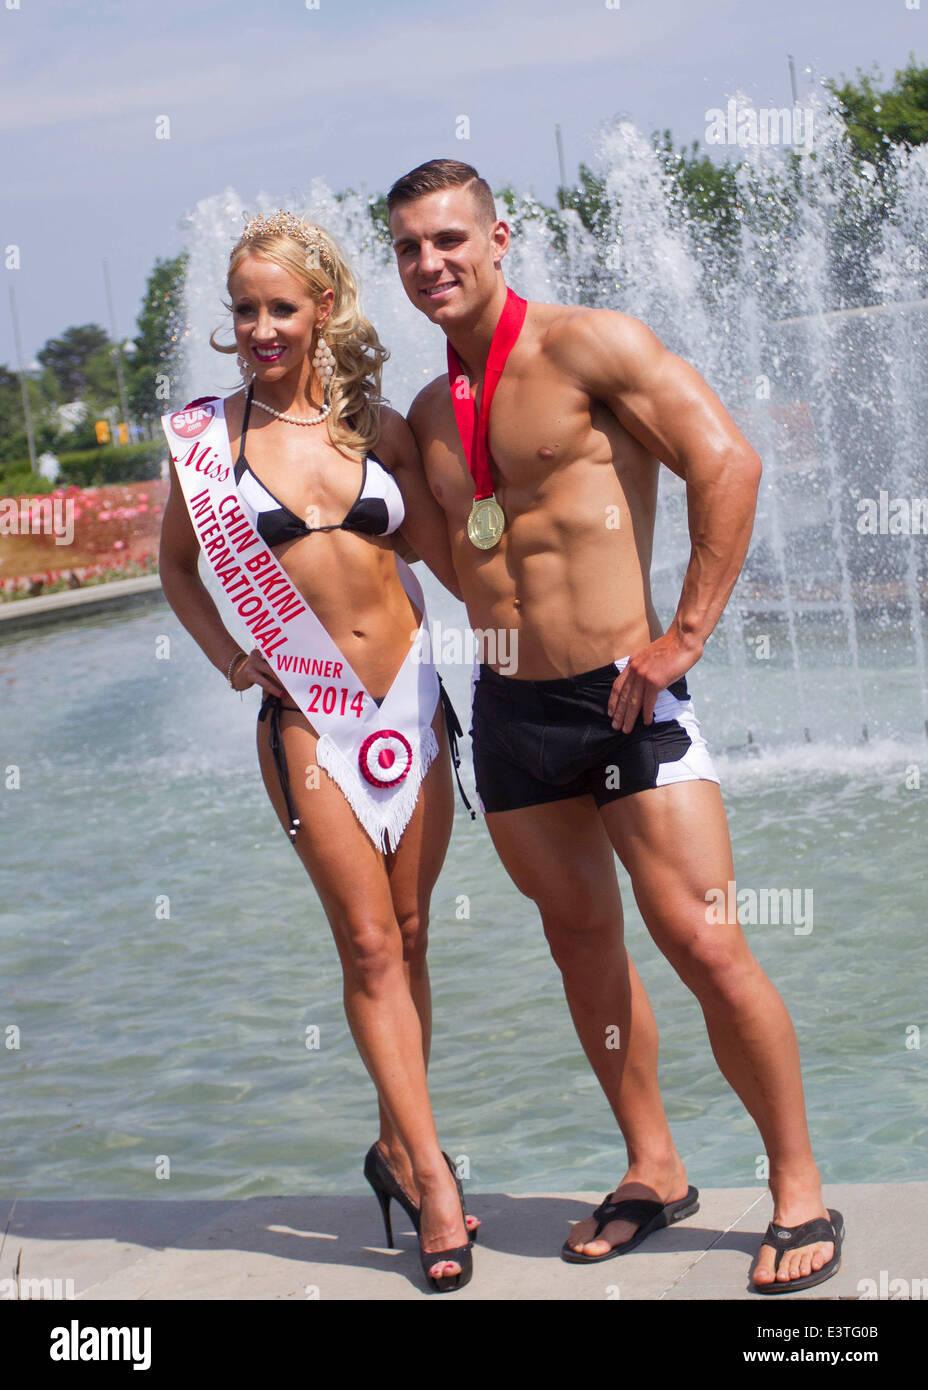 Bikini canada contest